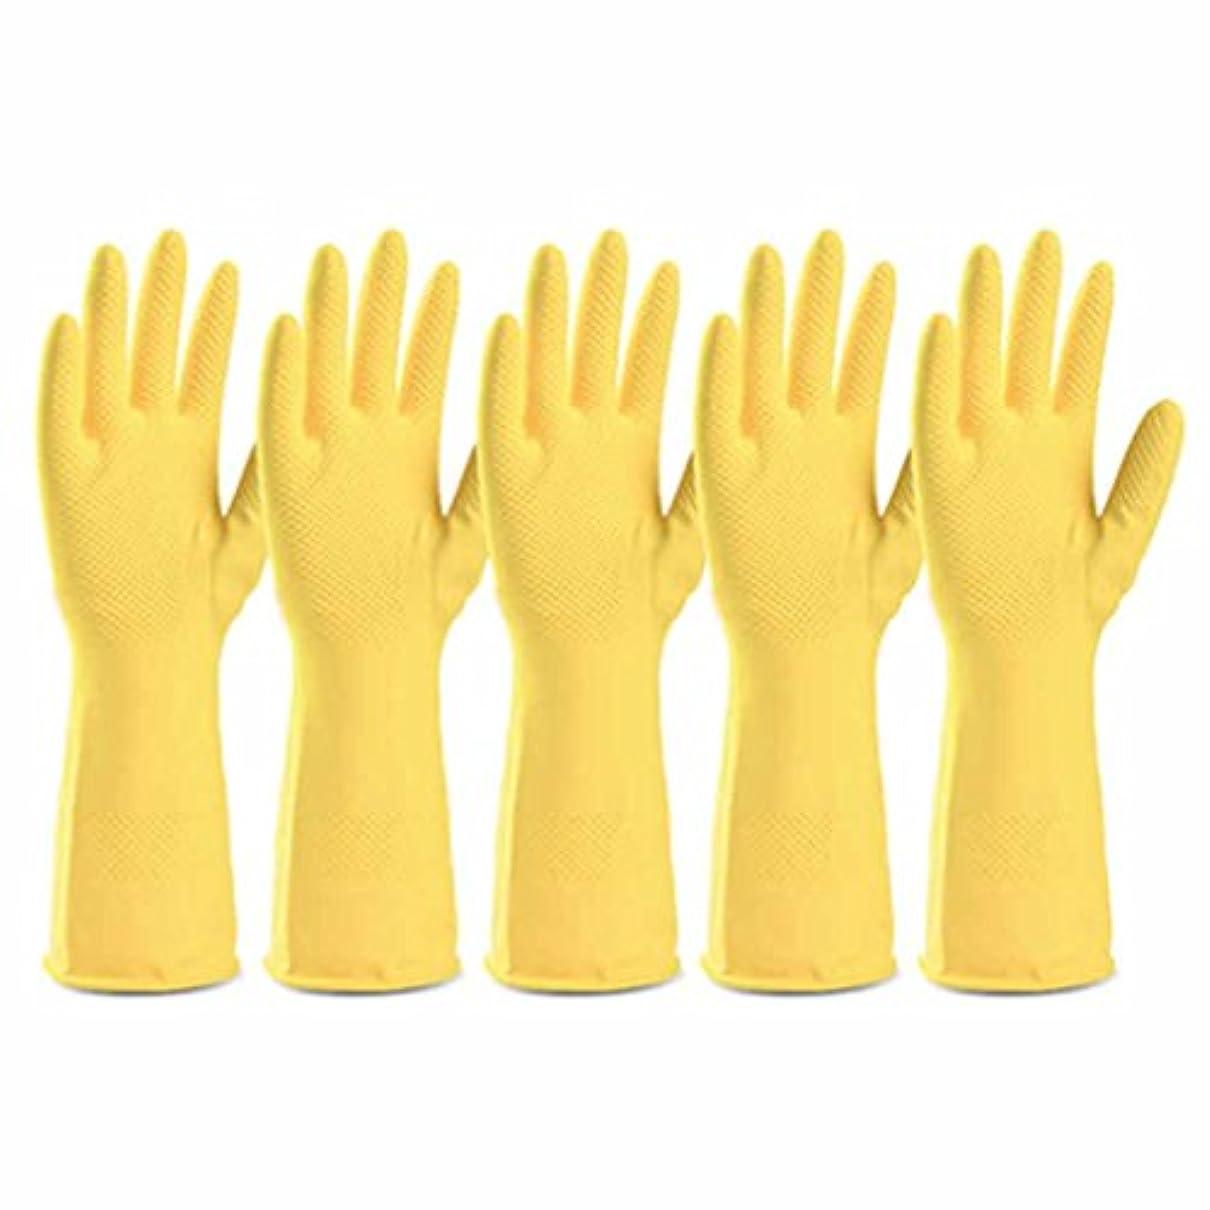 キロメートルベギン用語集使い捨て手袋 食品グレードラテックス滑り止め耐久手袋キッチン多機能防水油手袋 (Color : Yellow)